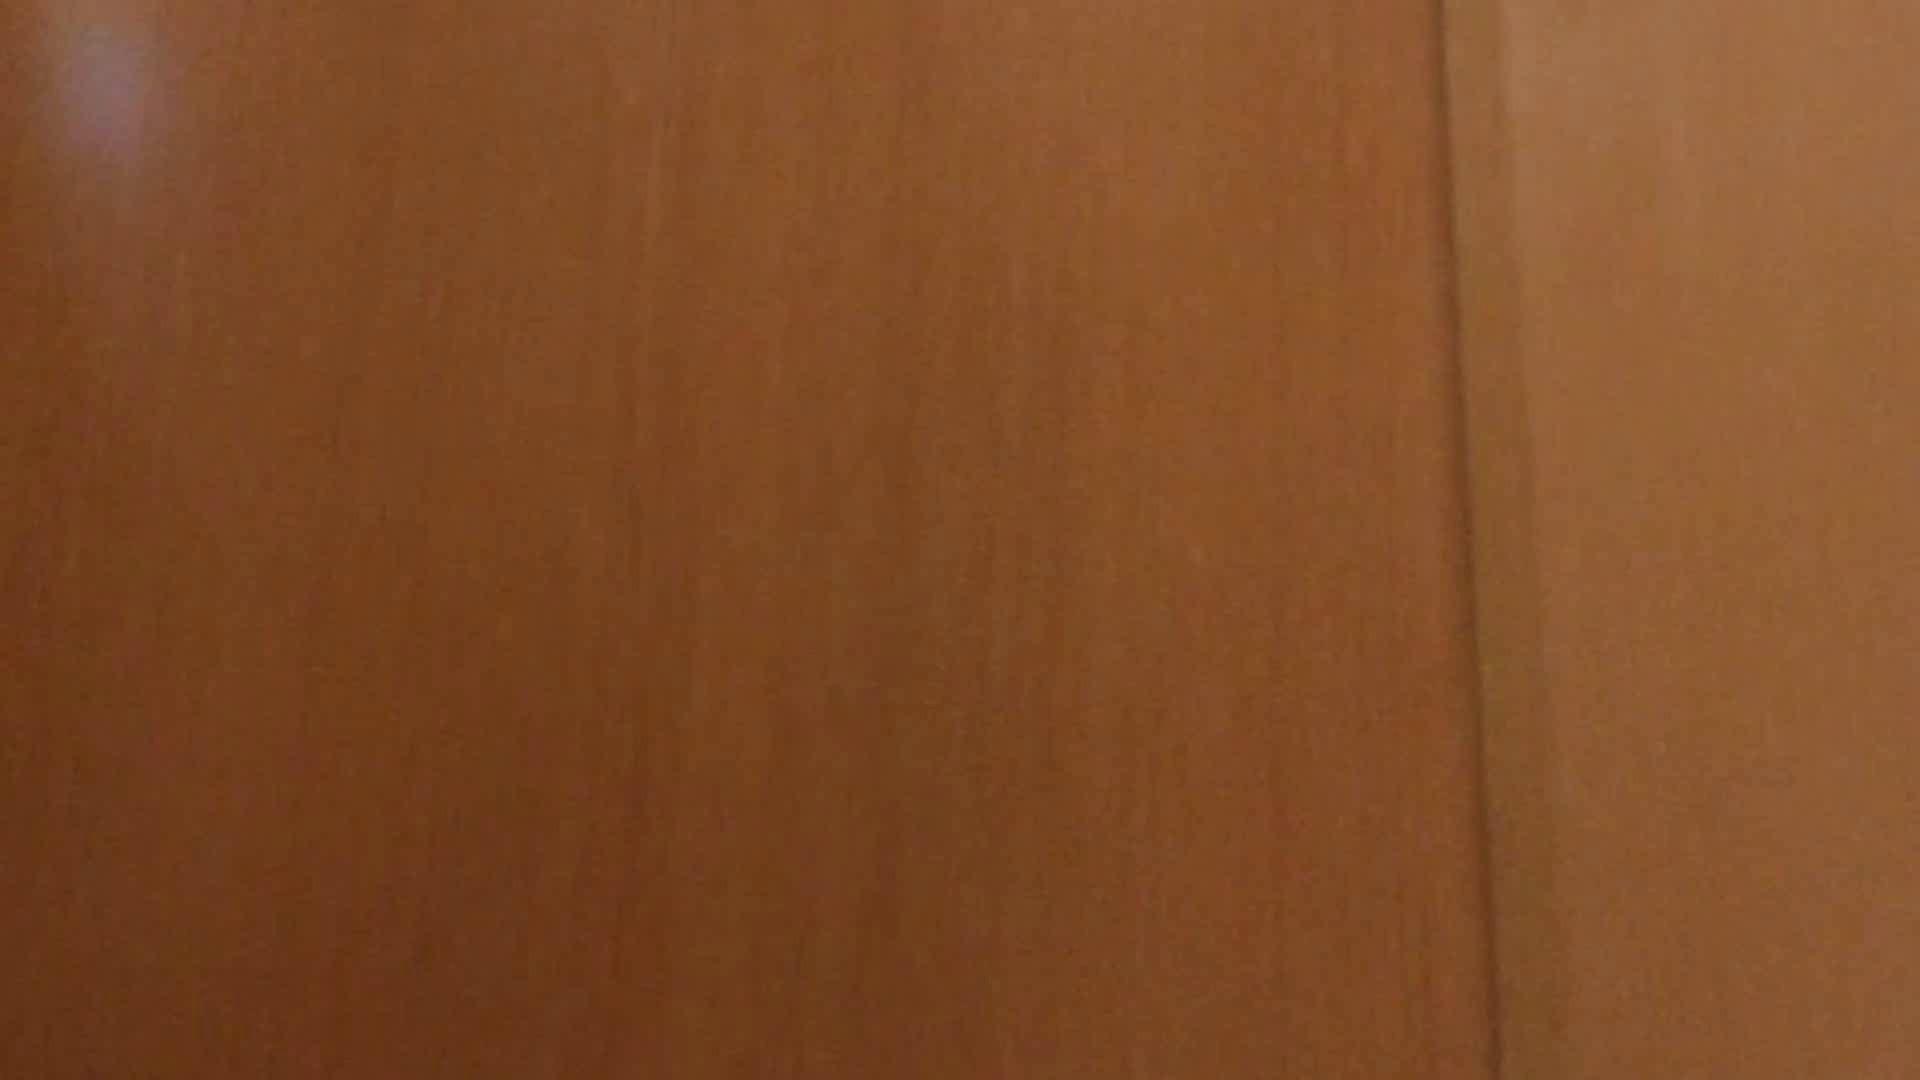 「噂」の国の厠観察日記2 Vol.02 人気シリーズ AV無料動画キャプチャ 96枚 68